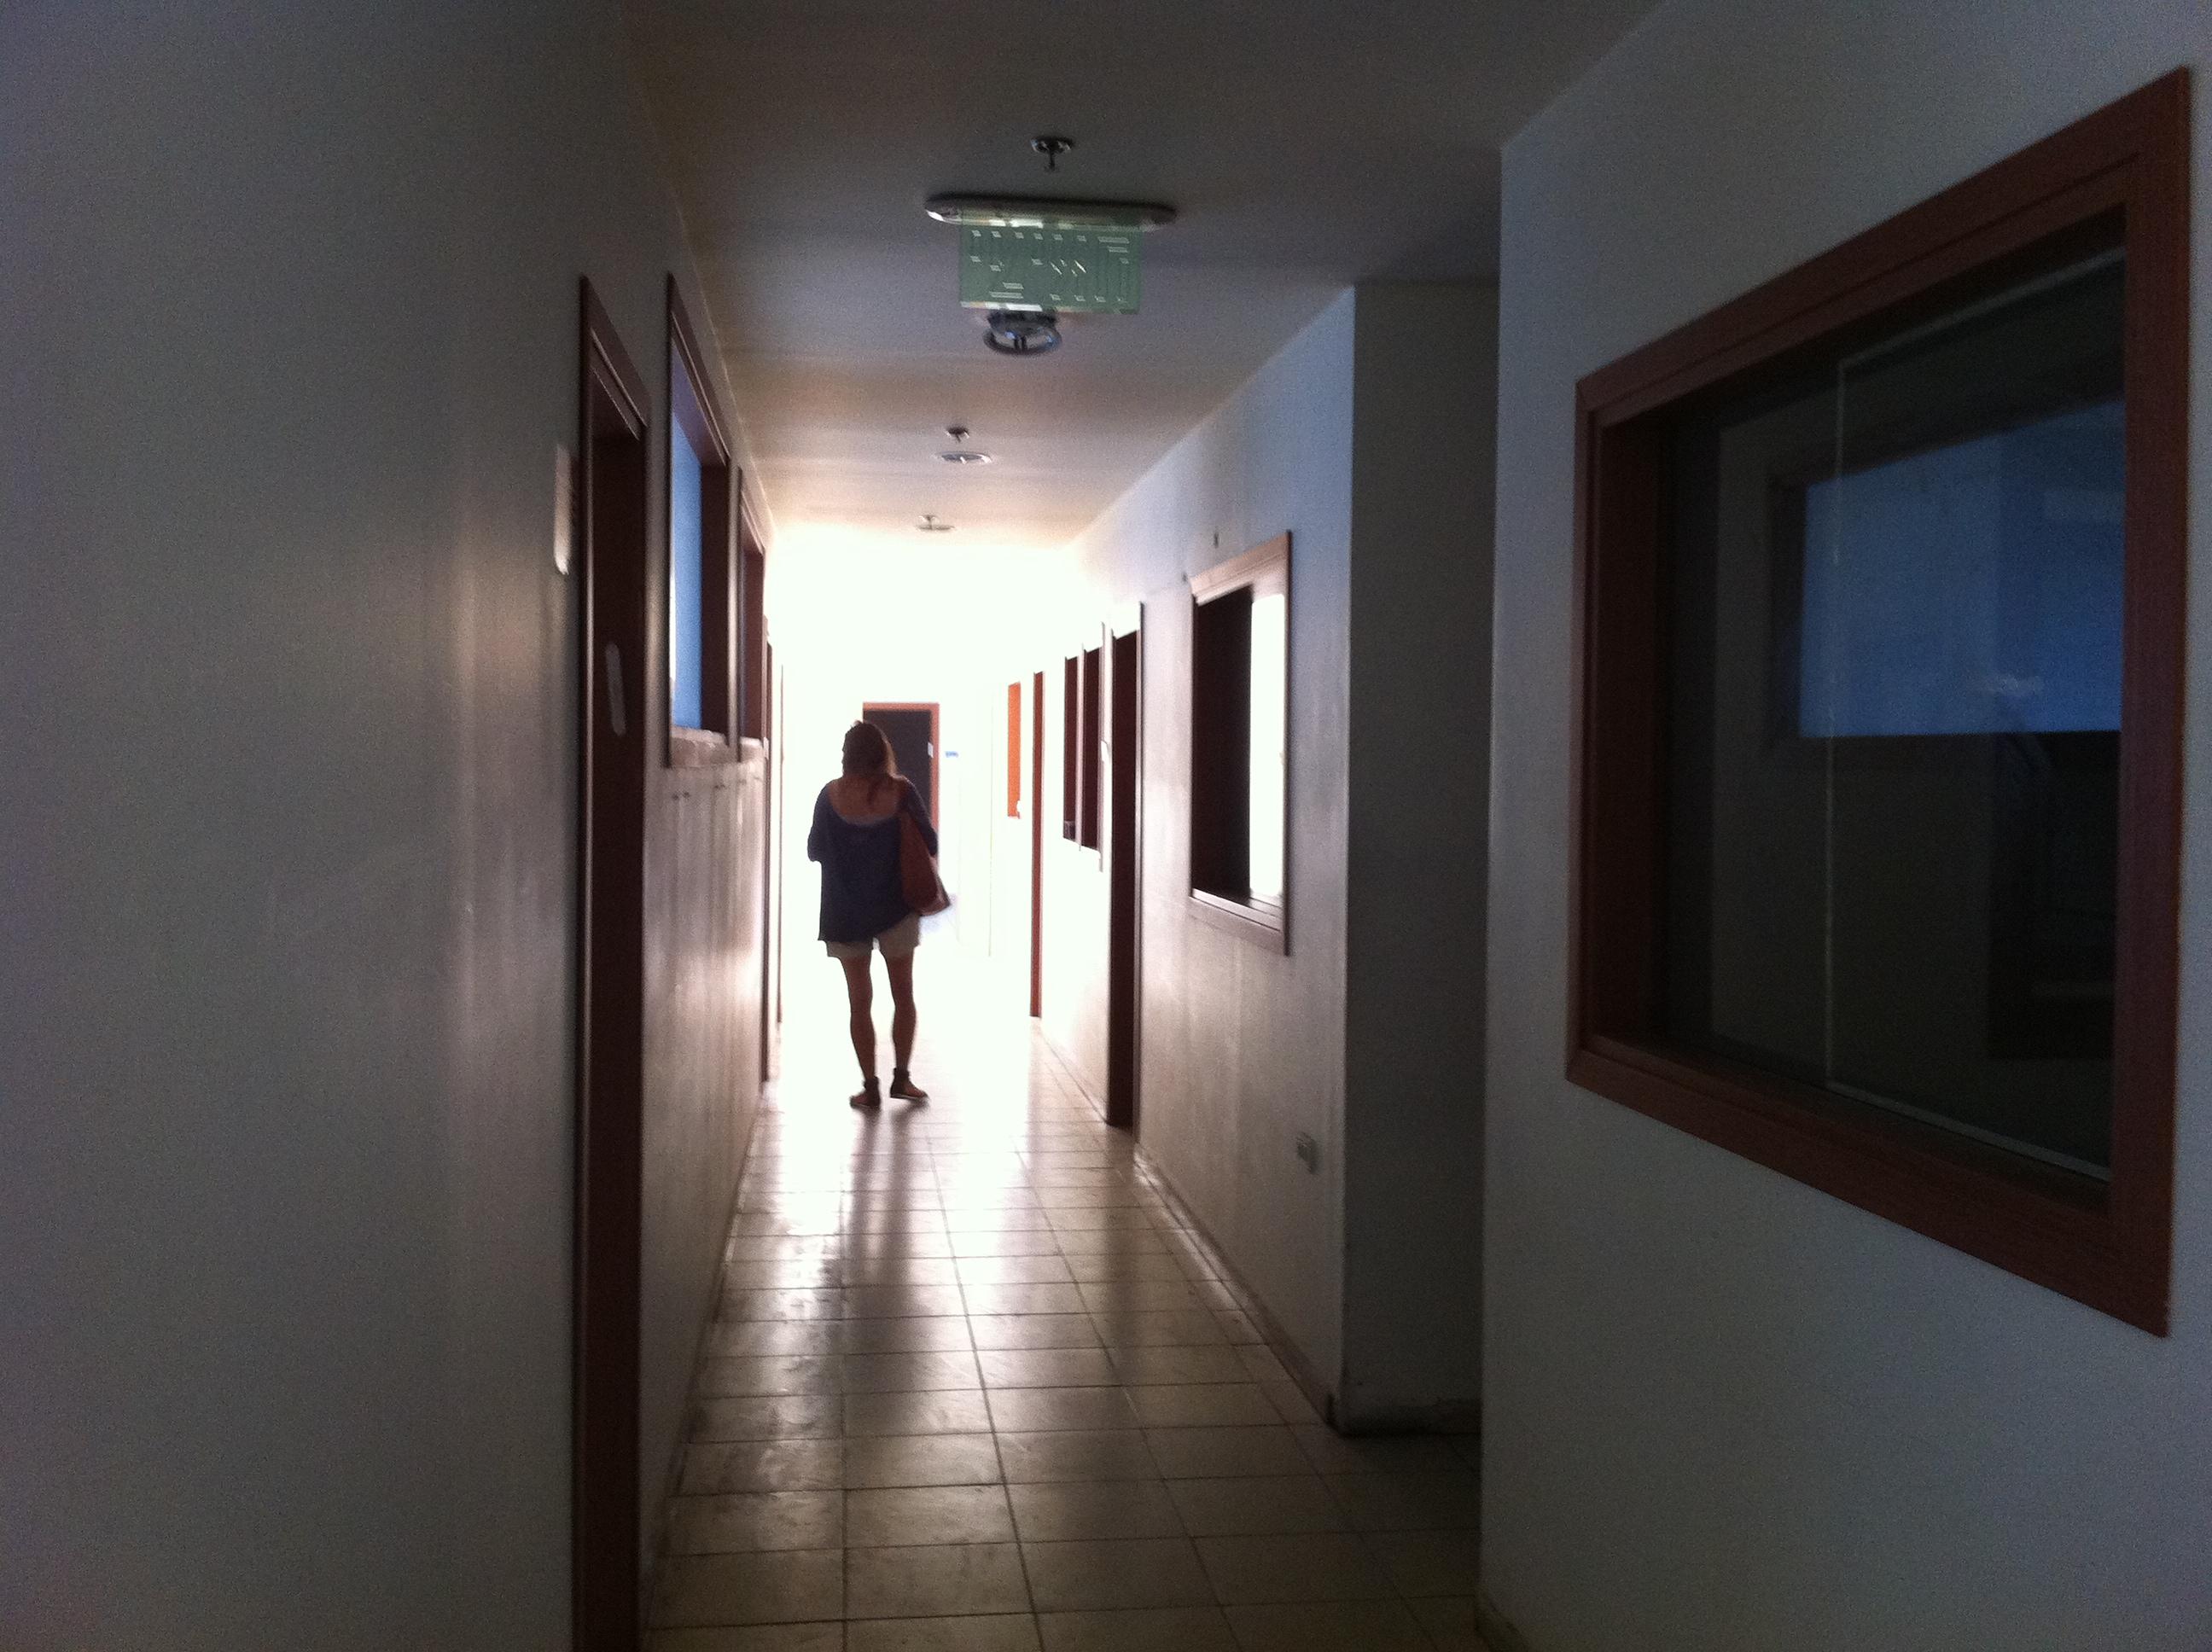 משרדי אנזוטיק מצב קיים לפני השיפוץ